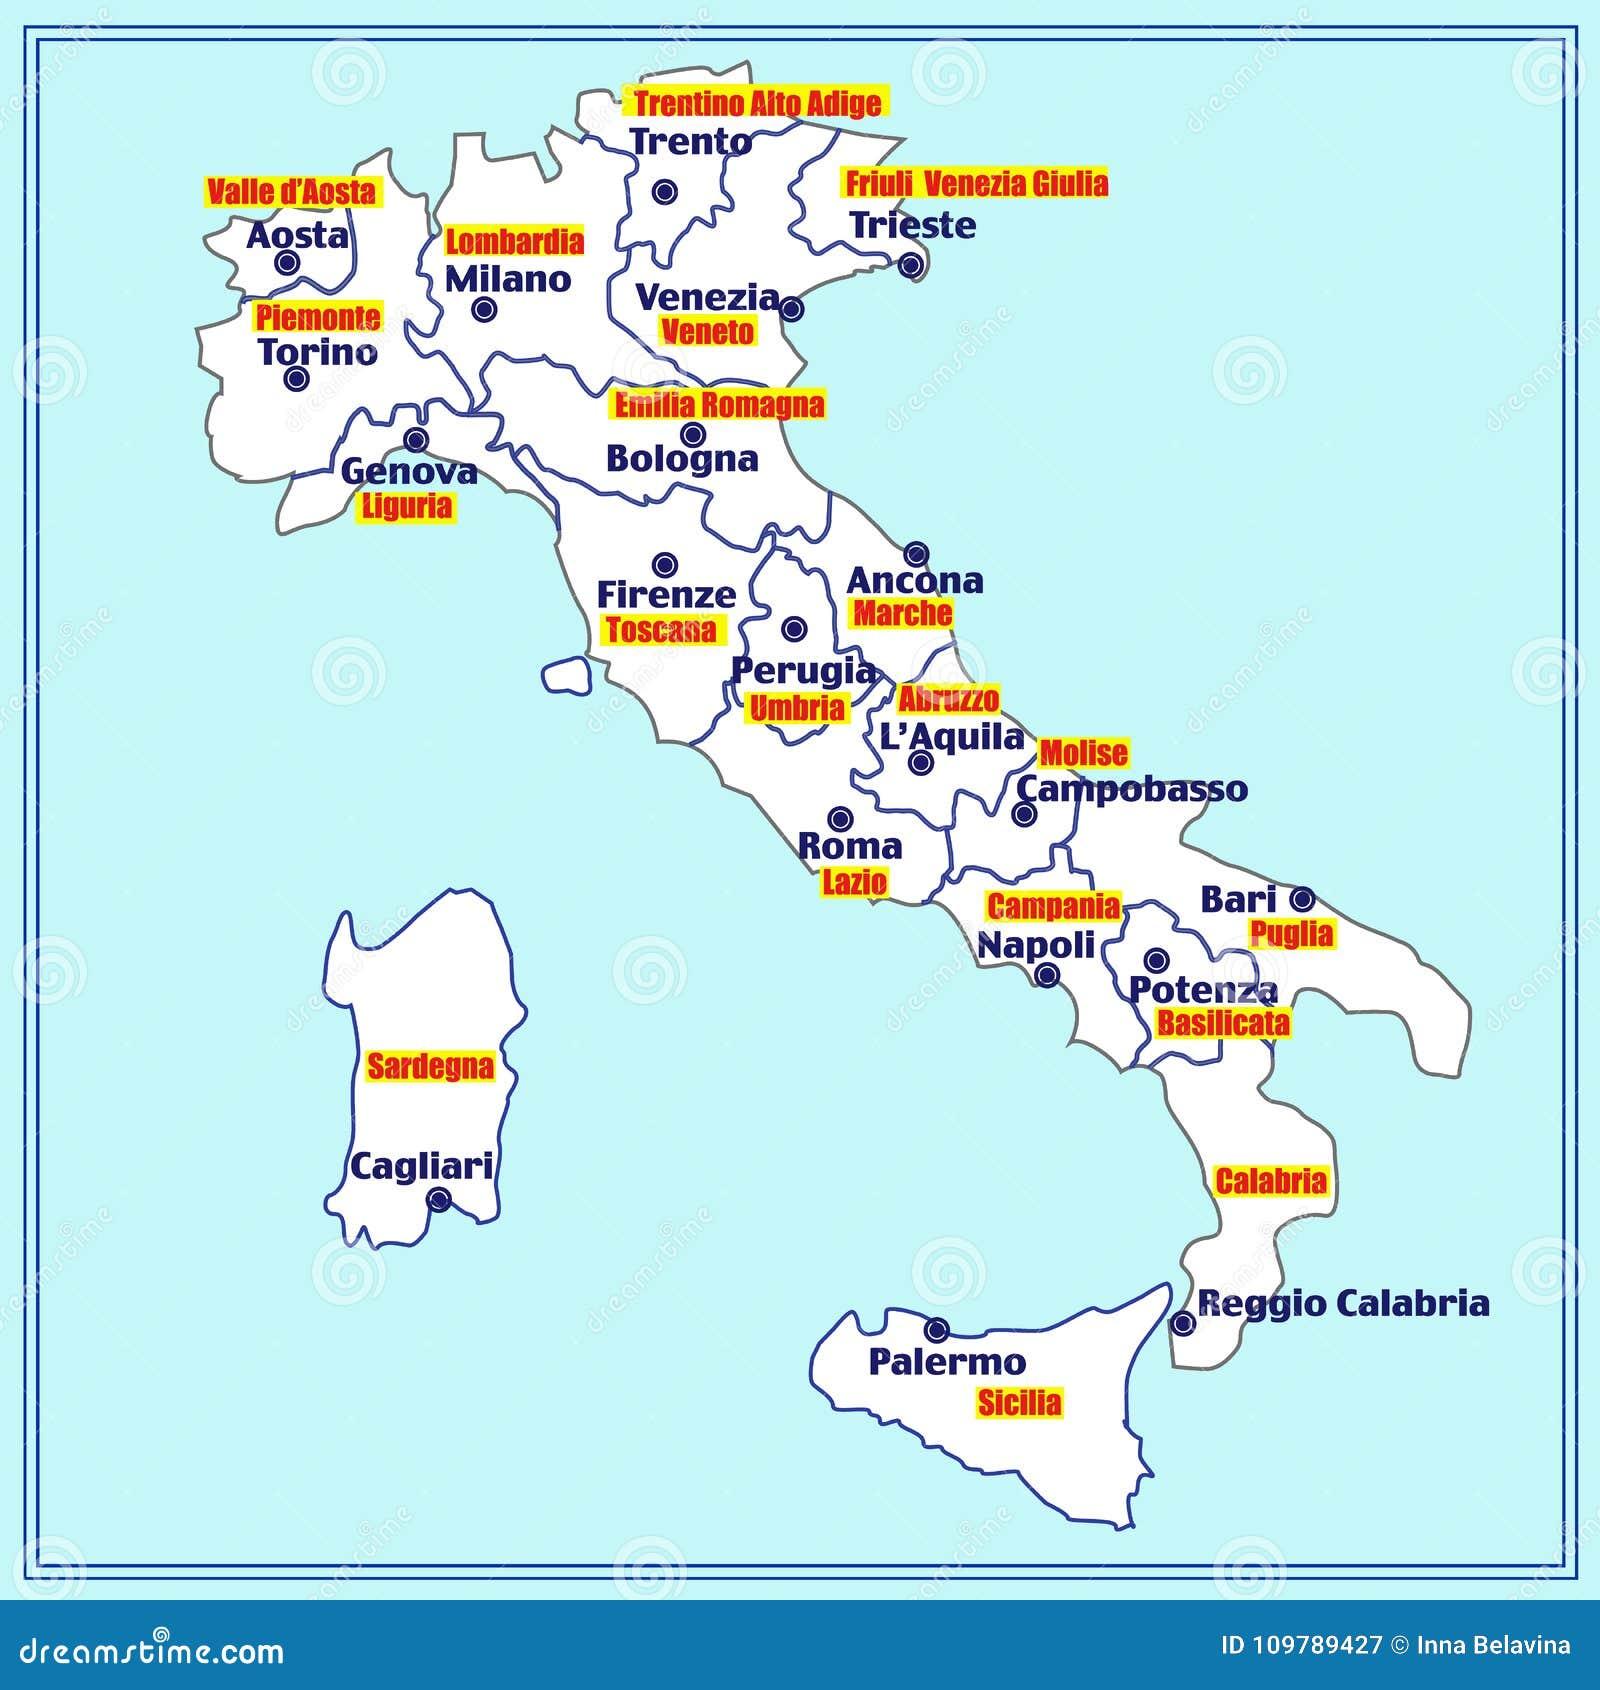 Xarths Ths Italias Me Tis Italikes Perioxes Apeikonish Apeikonish